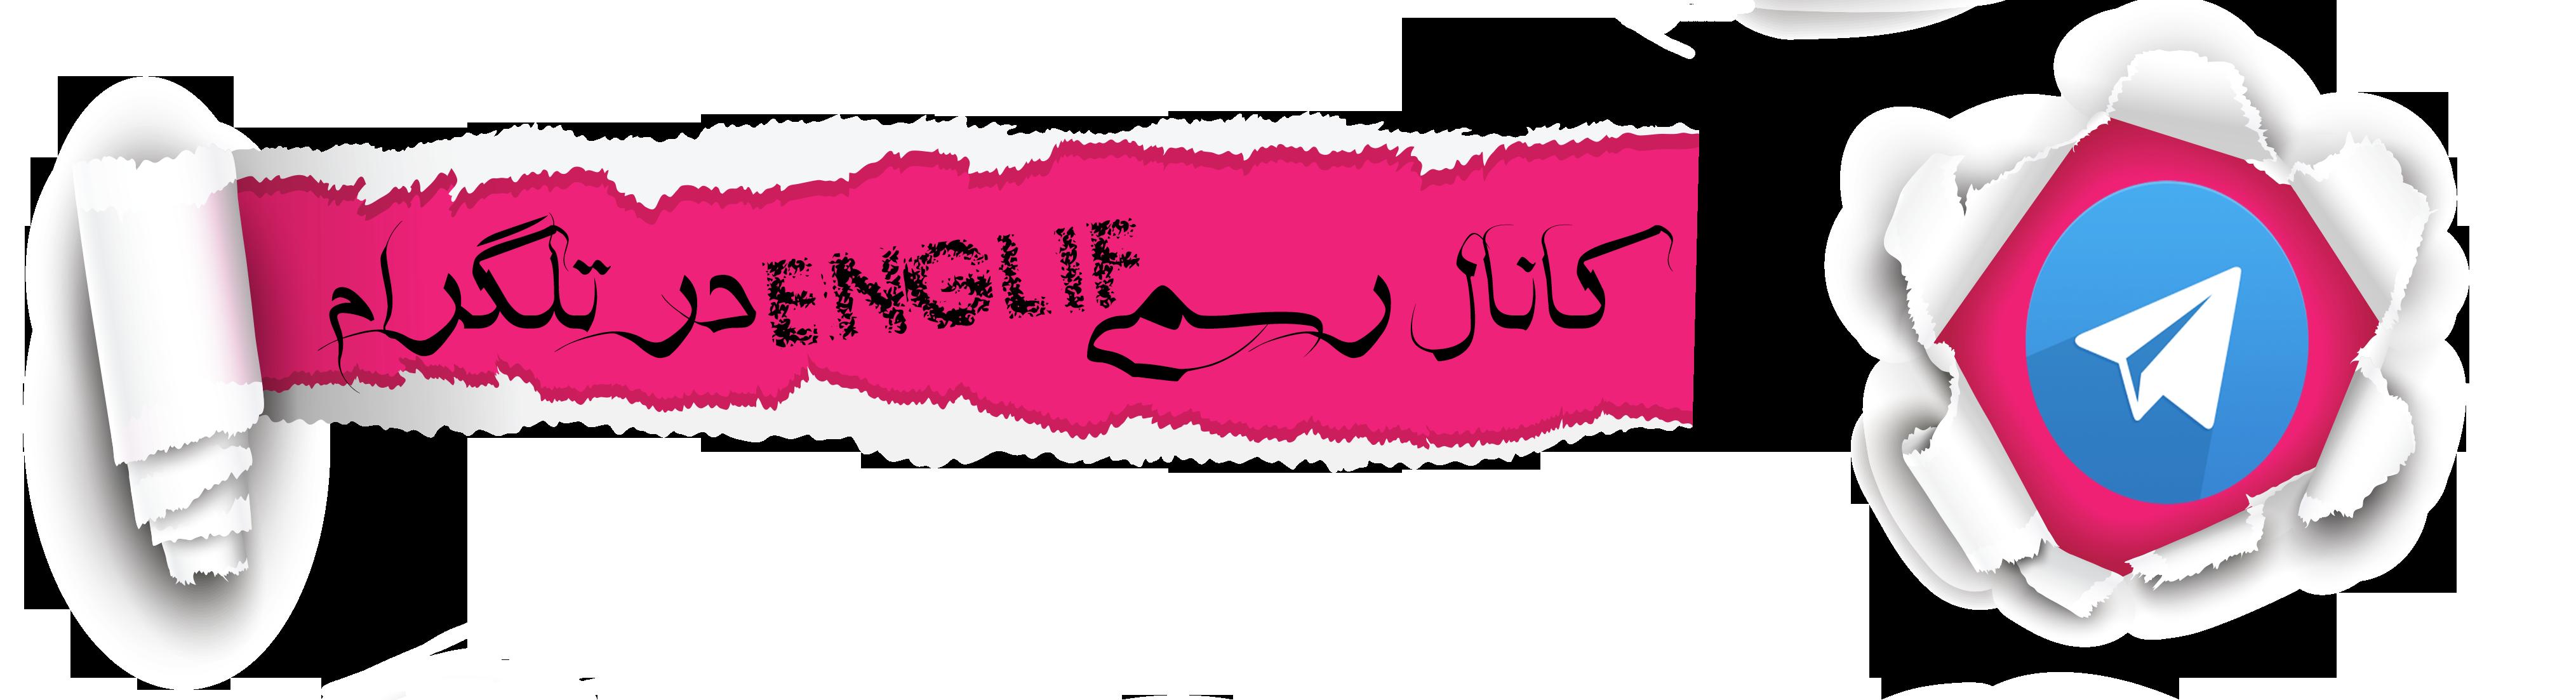 کانال+تلگرام+ضرب+المثل+ها